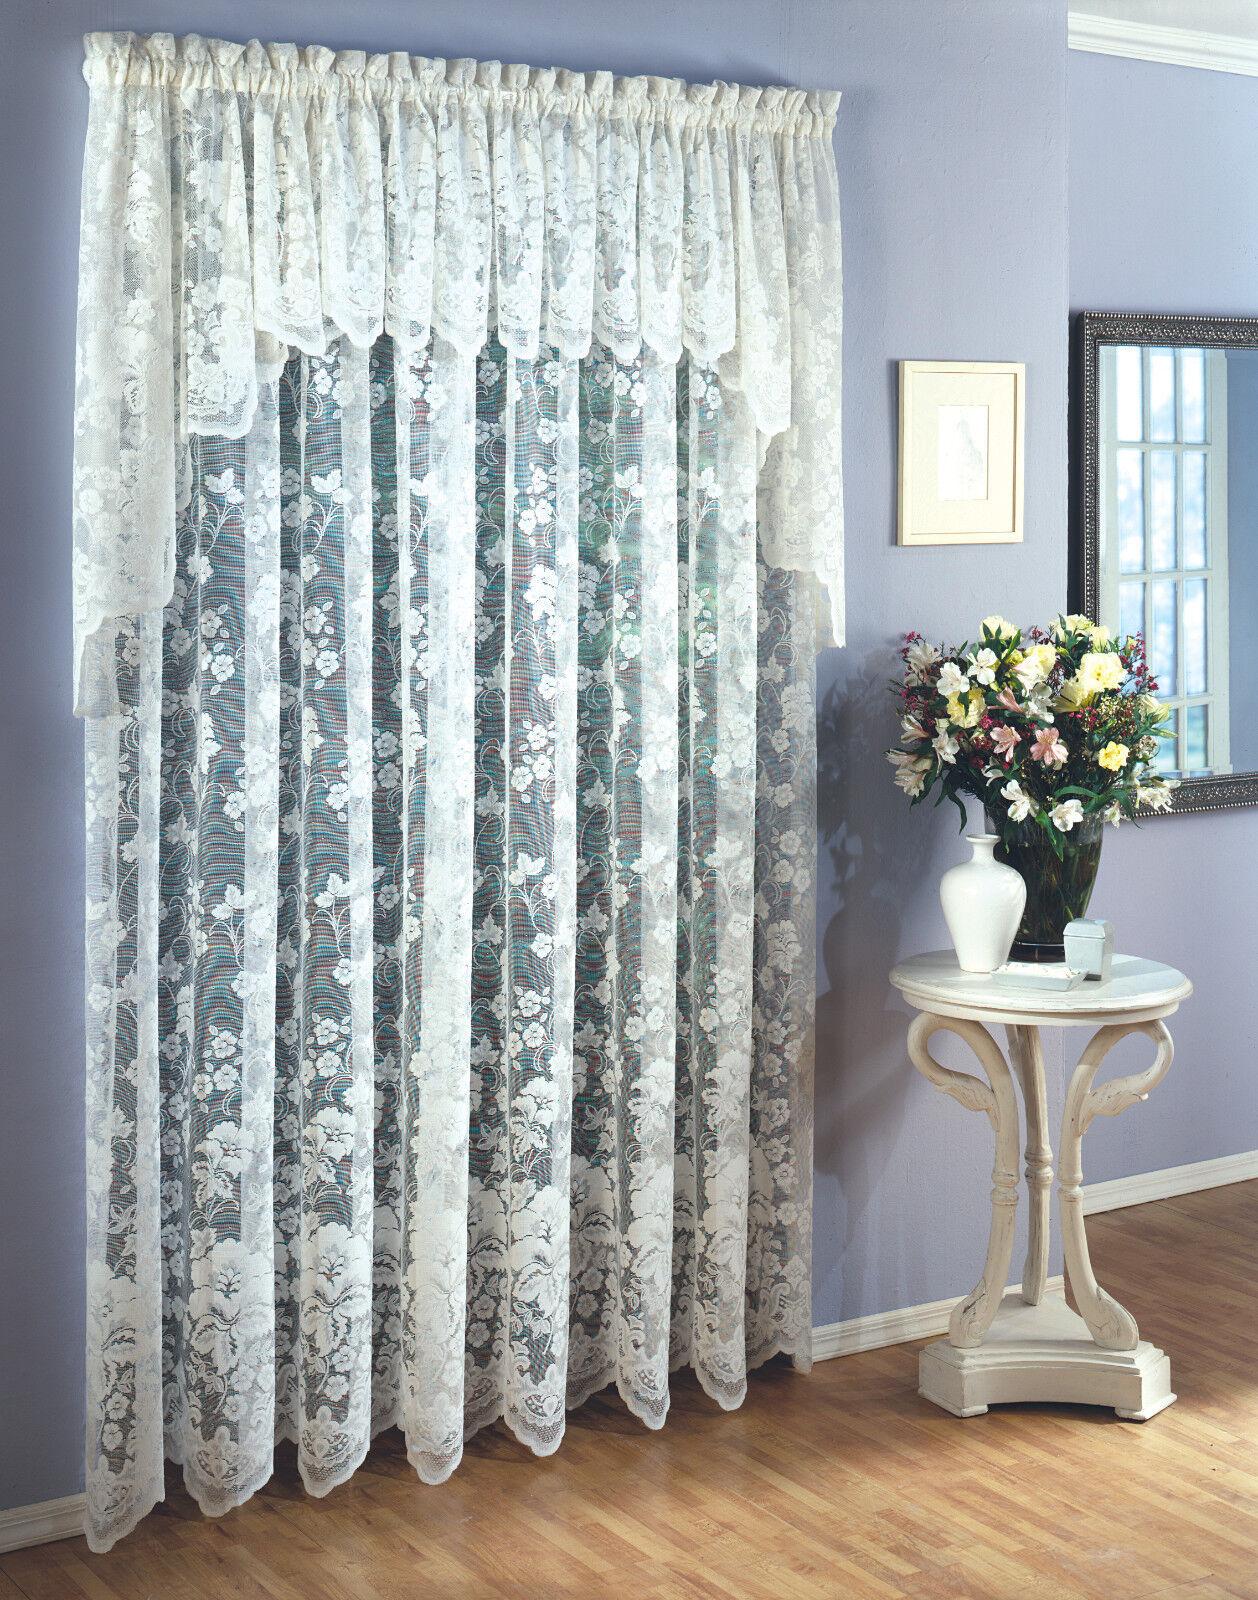 Seis (6) paneles de encaje floral de Vid, cada 60 x84  Marfil